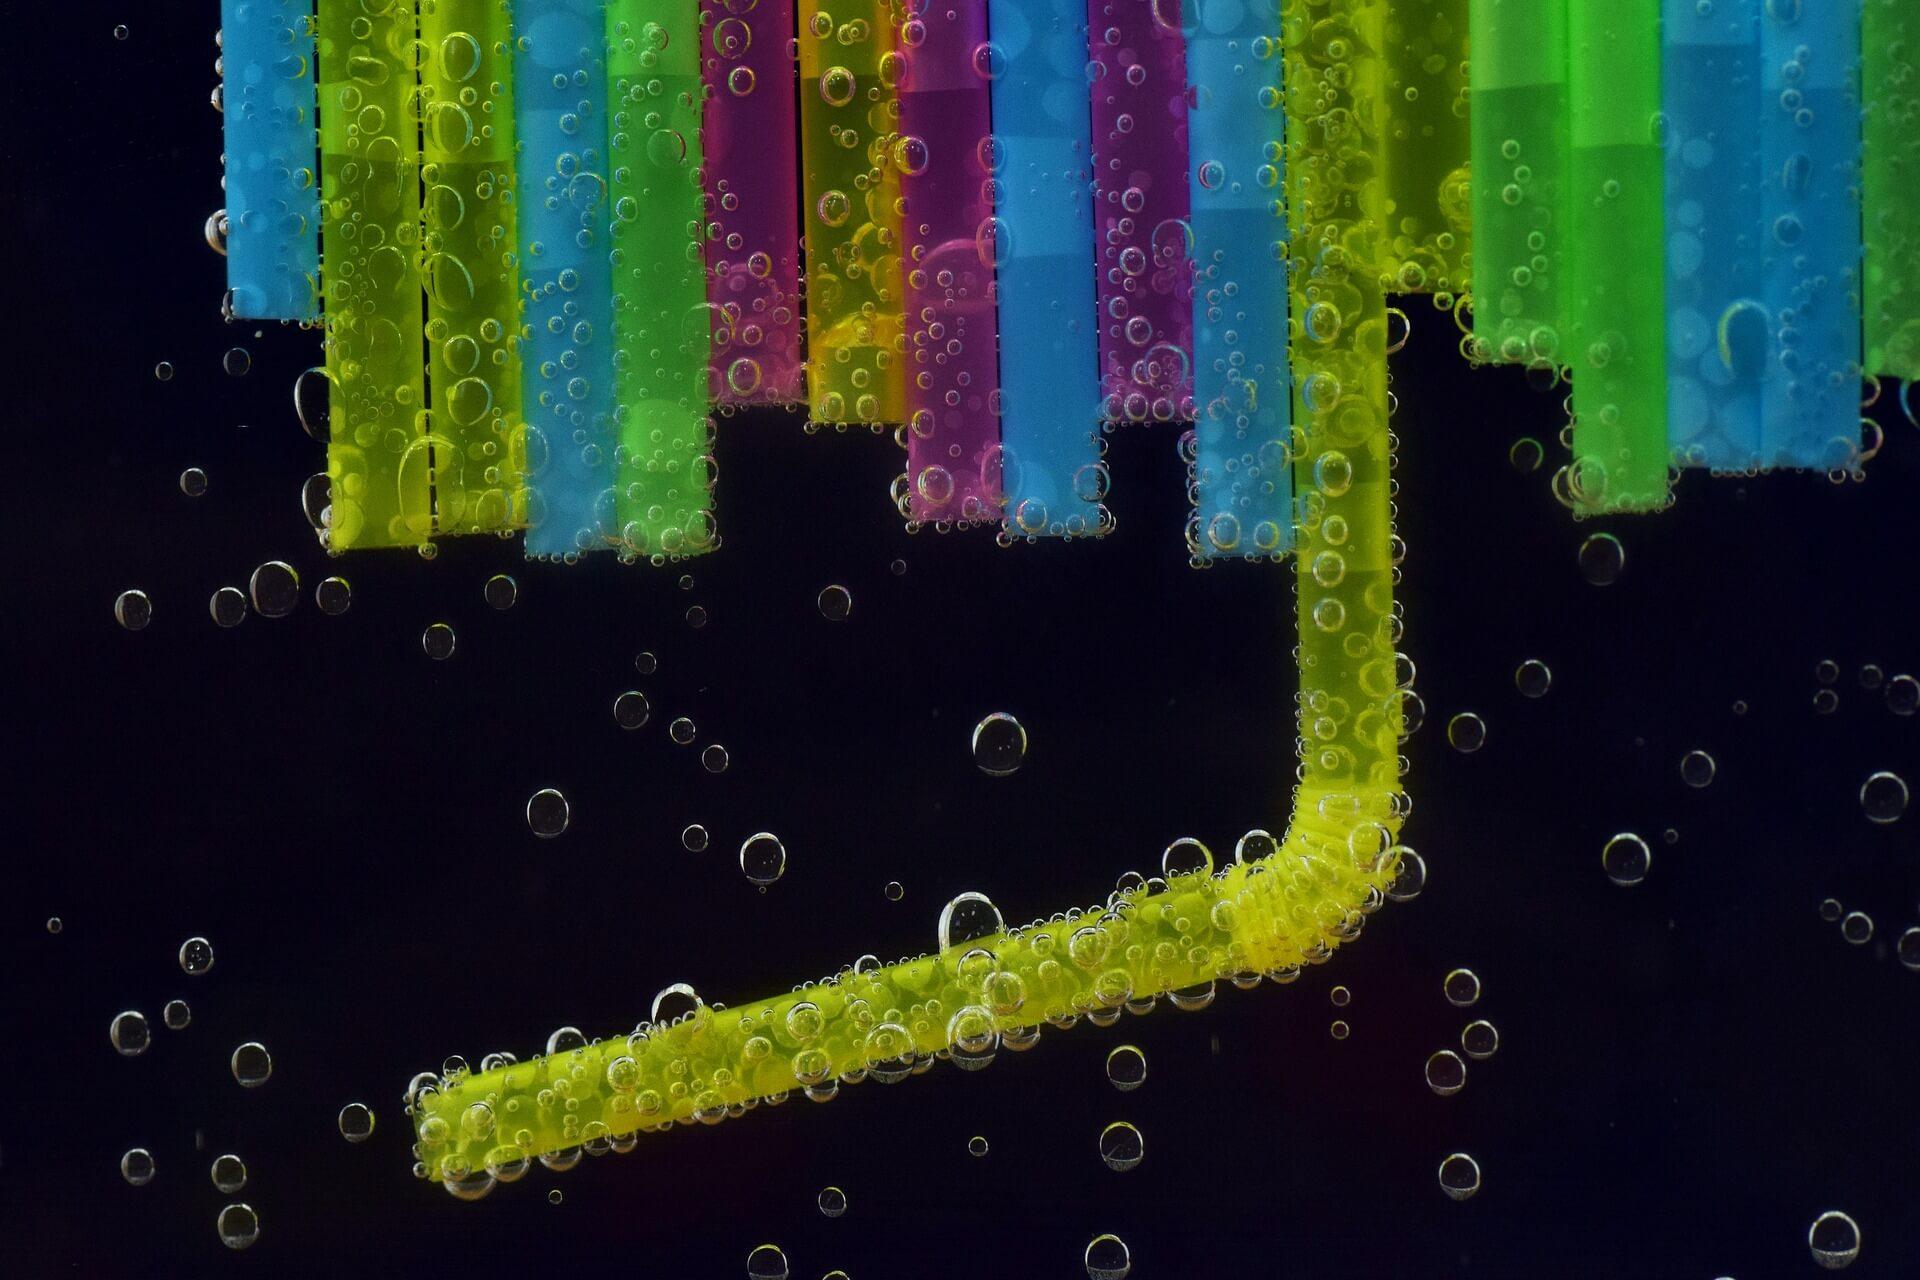 Bunte Strohhalme im Wasser als Sinnbild für Kapillaren